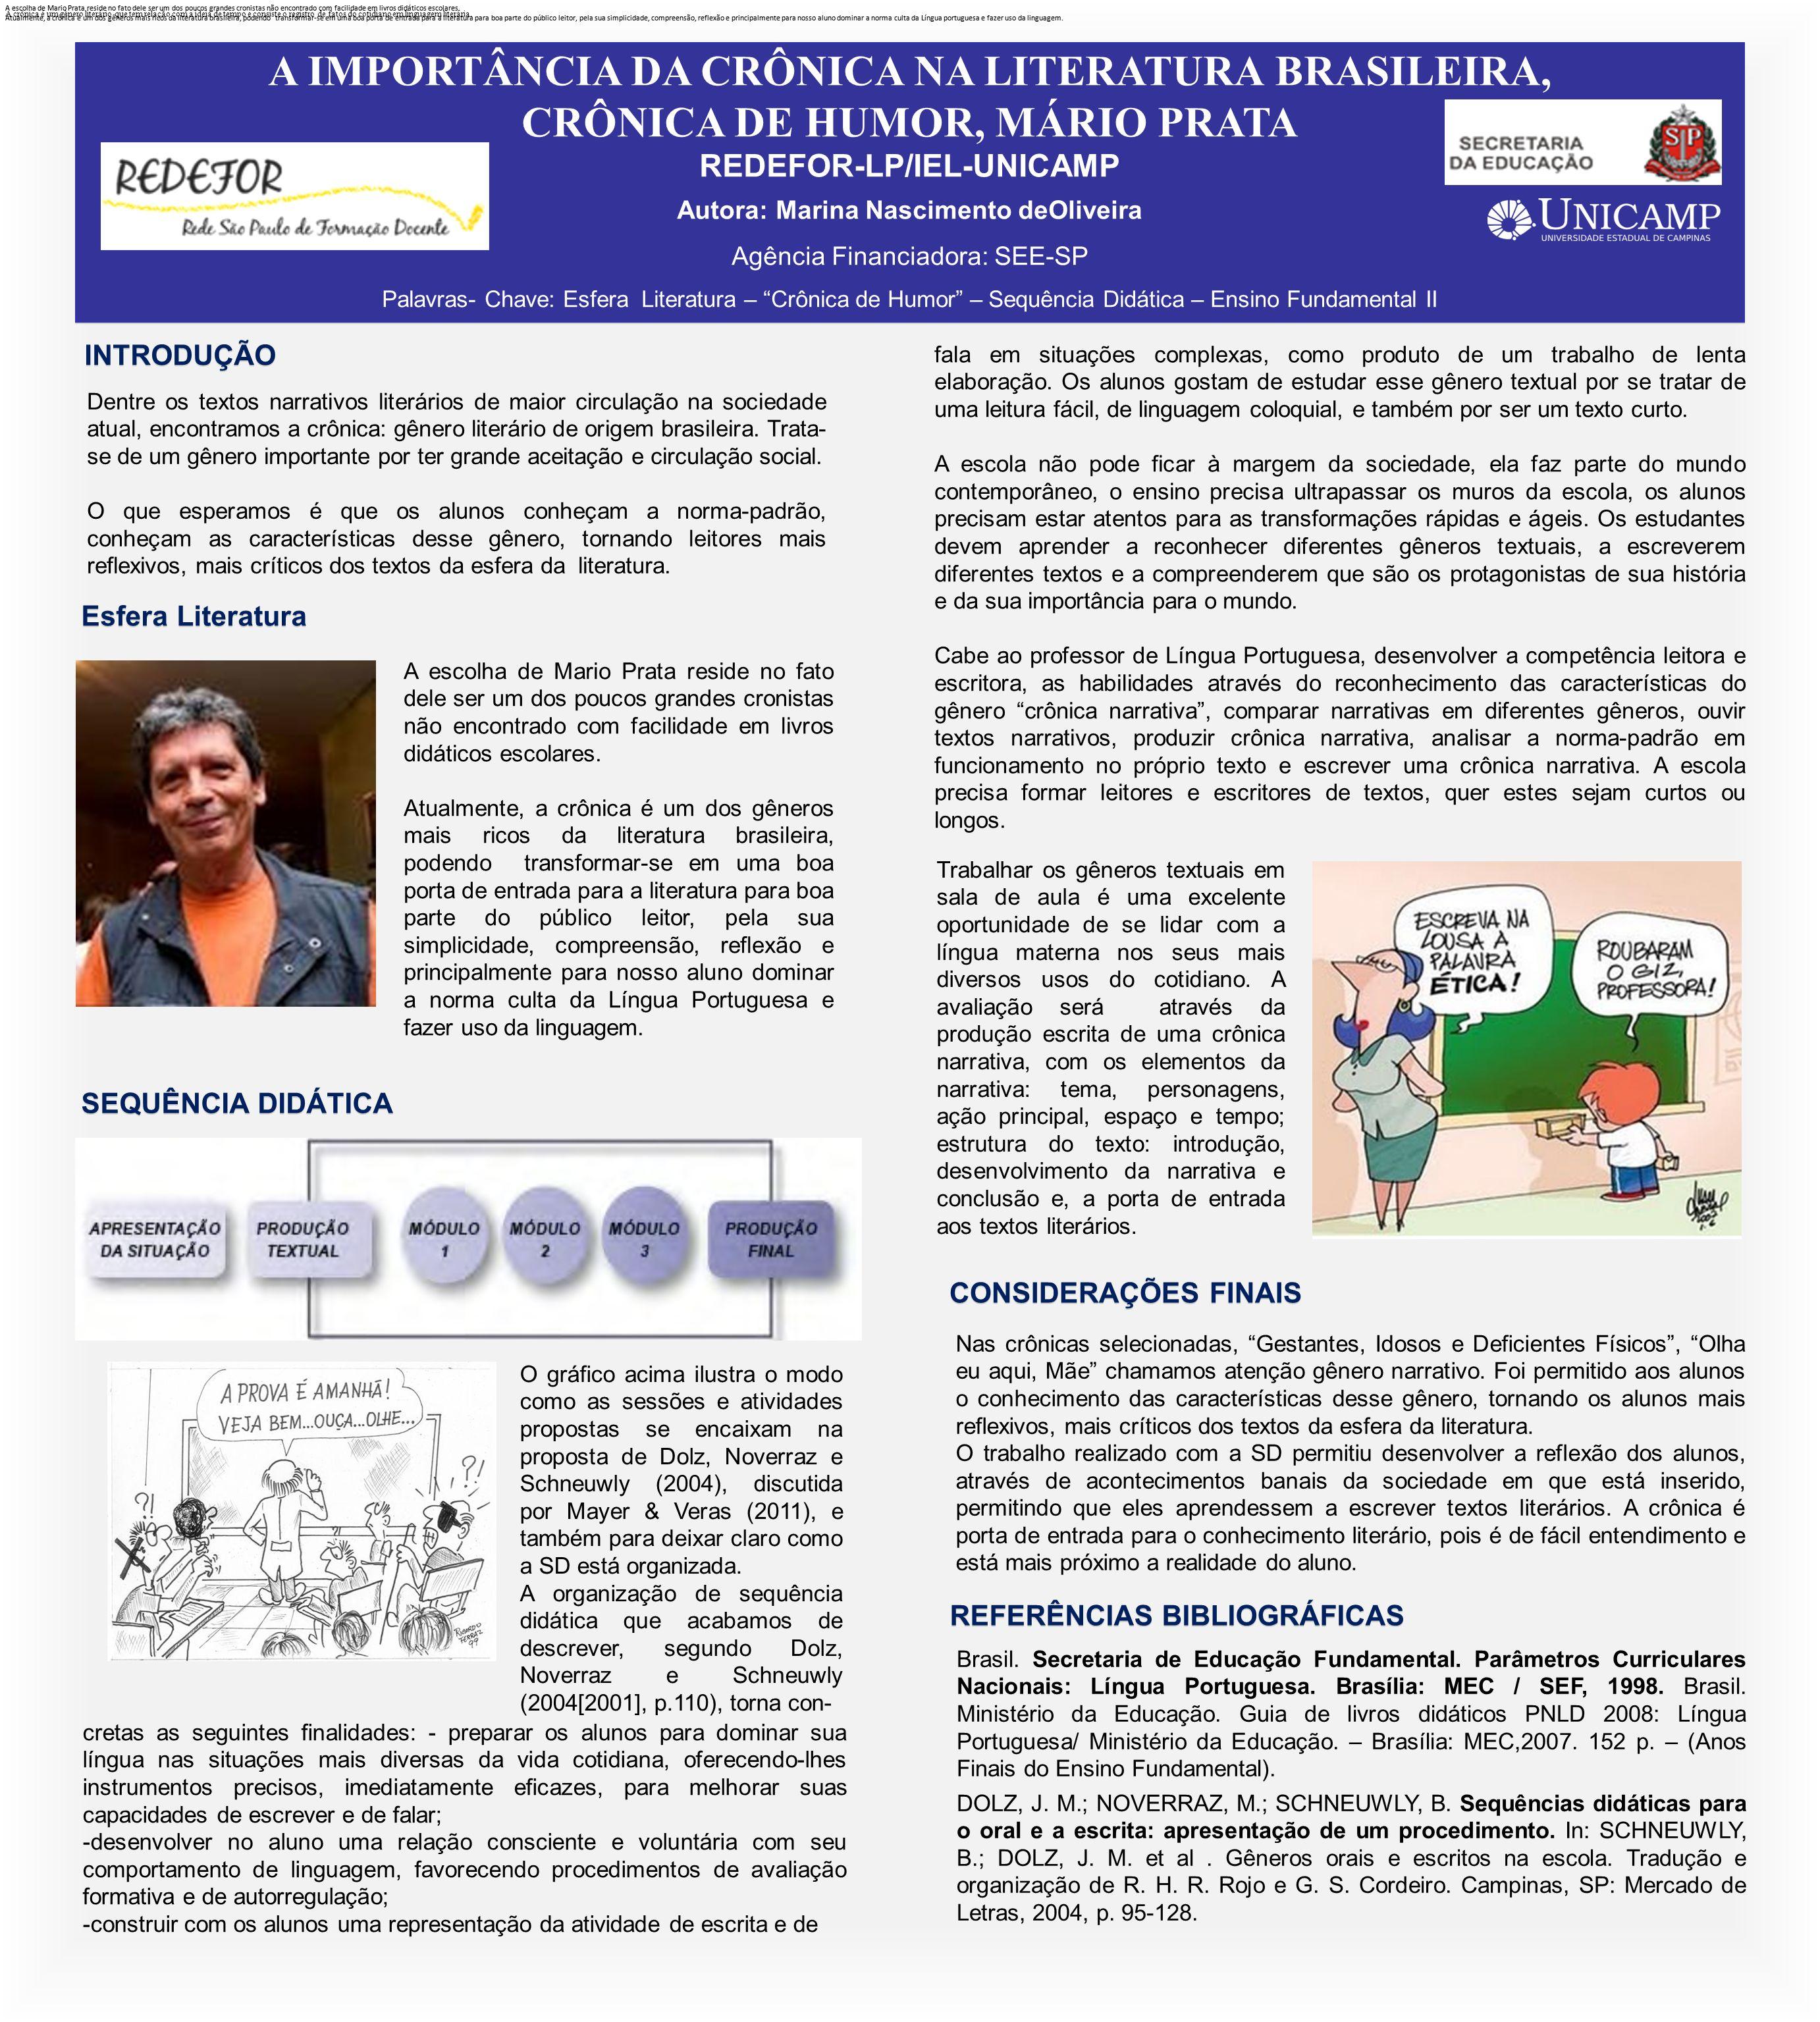 A IMPORTÂNCIA DA CRÔNICA NA LITERATURA BRASILEIRA, CRÔNICA DE HUMOR, MÁRIO PRATA REDEFOR-LP/IEL-UNICAMP Autora: Marina Nascimento deOliveira Agência F